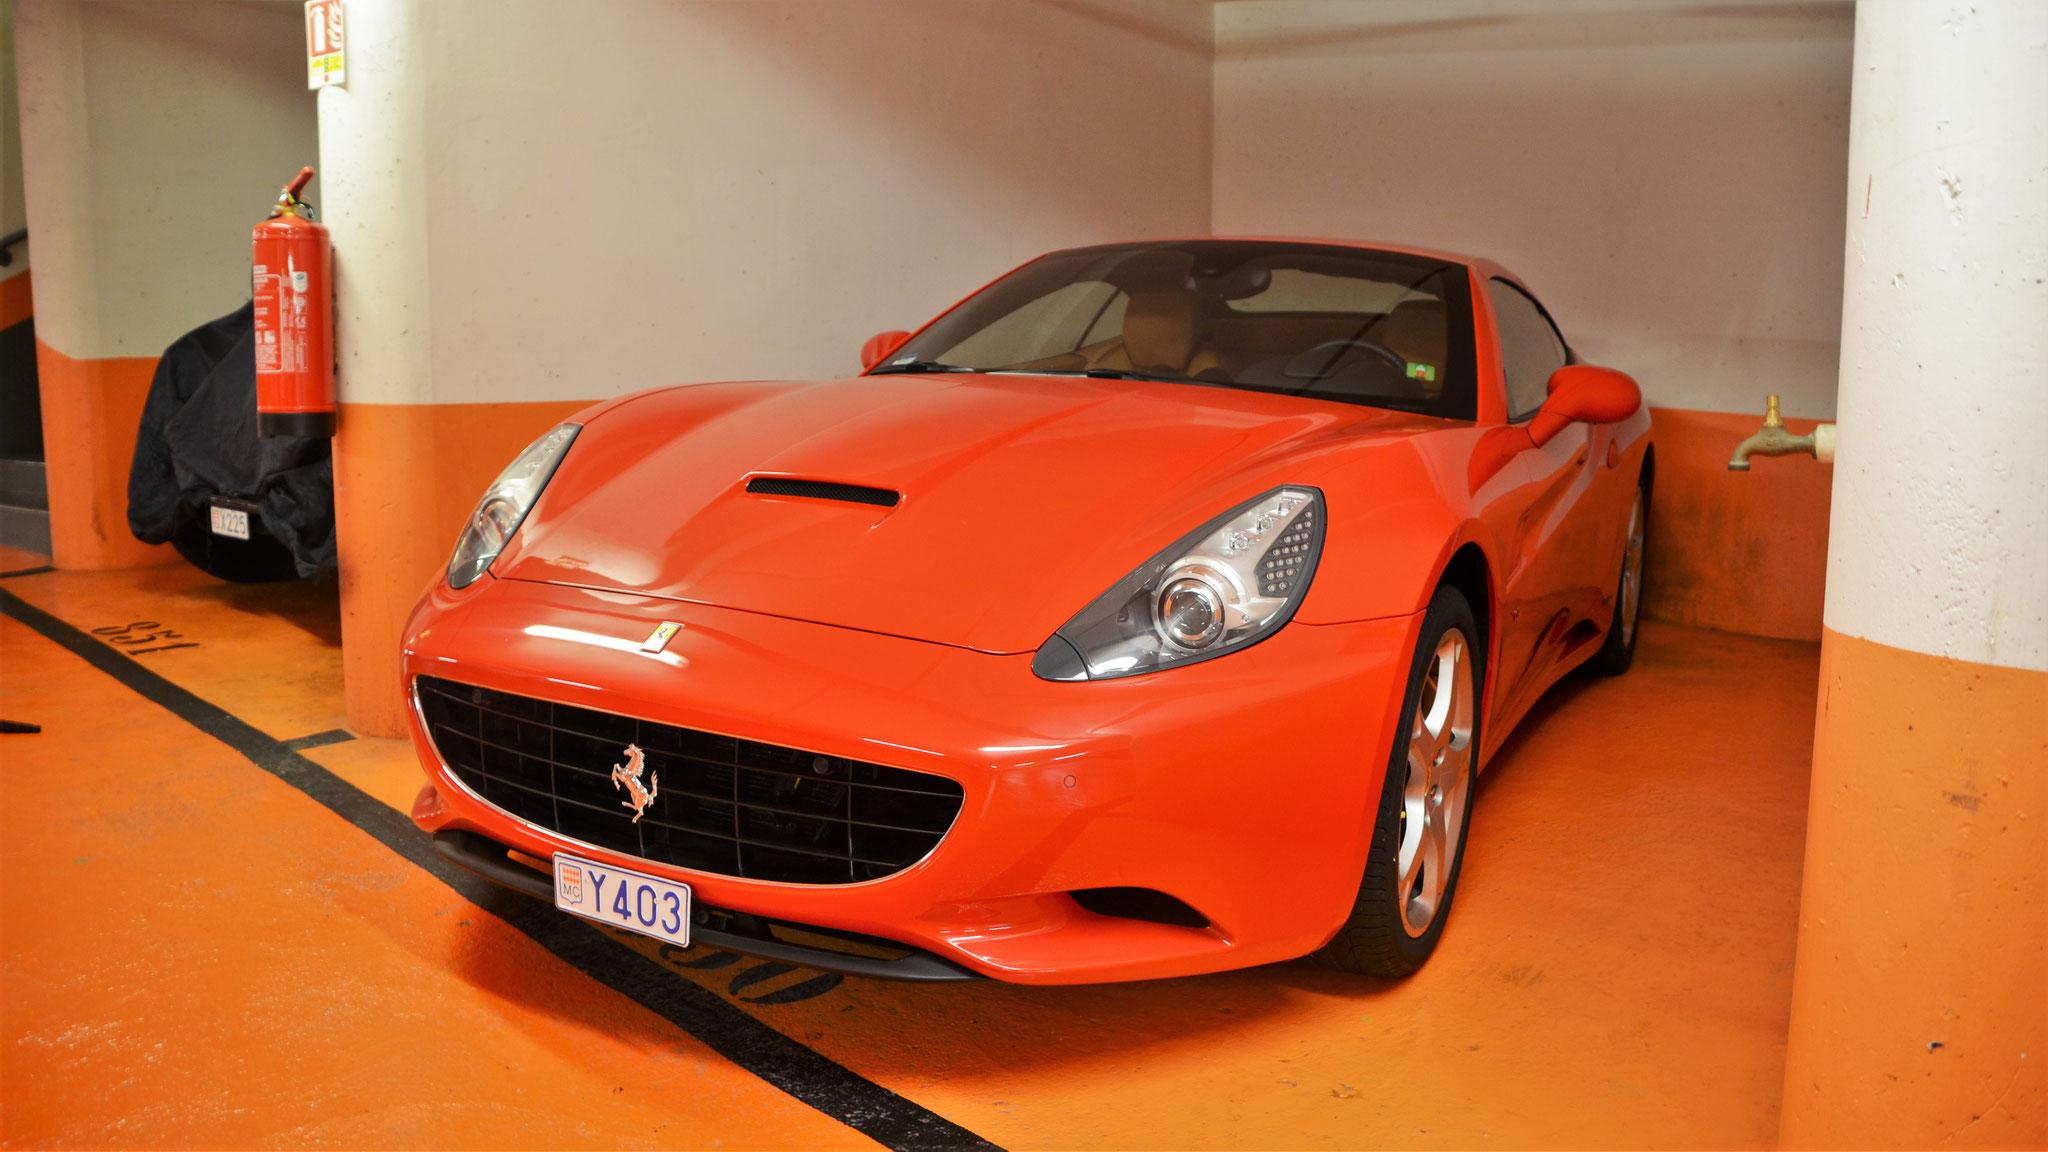 Ferrari California - Y403 (MC)